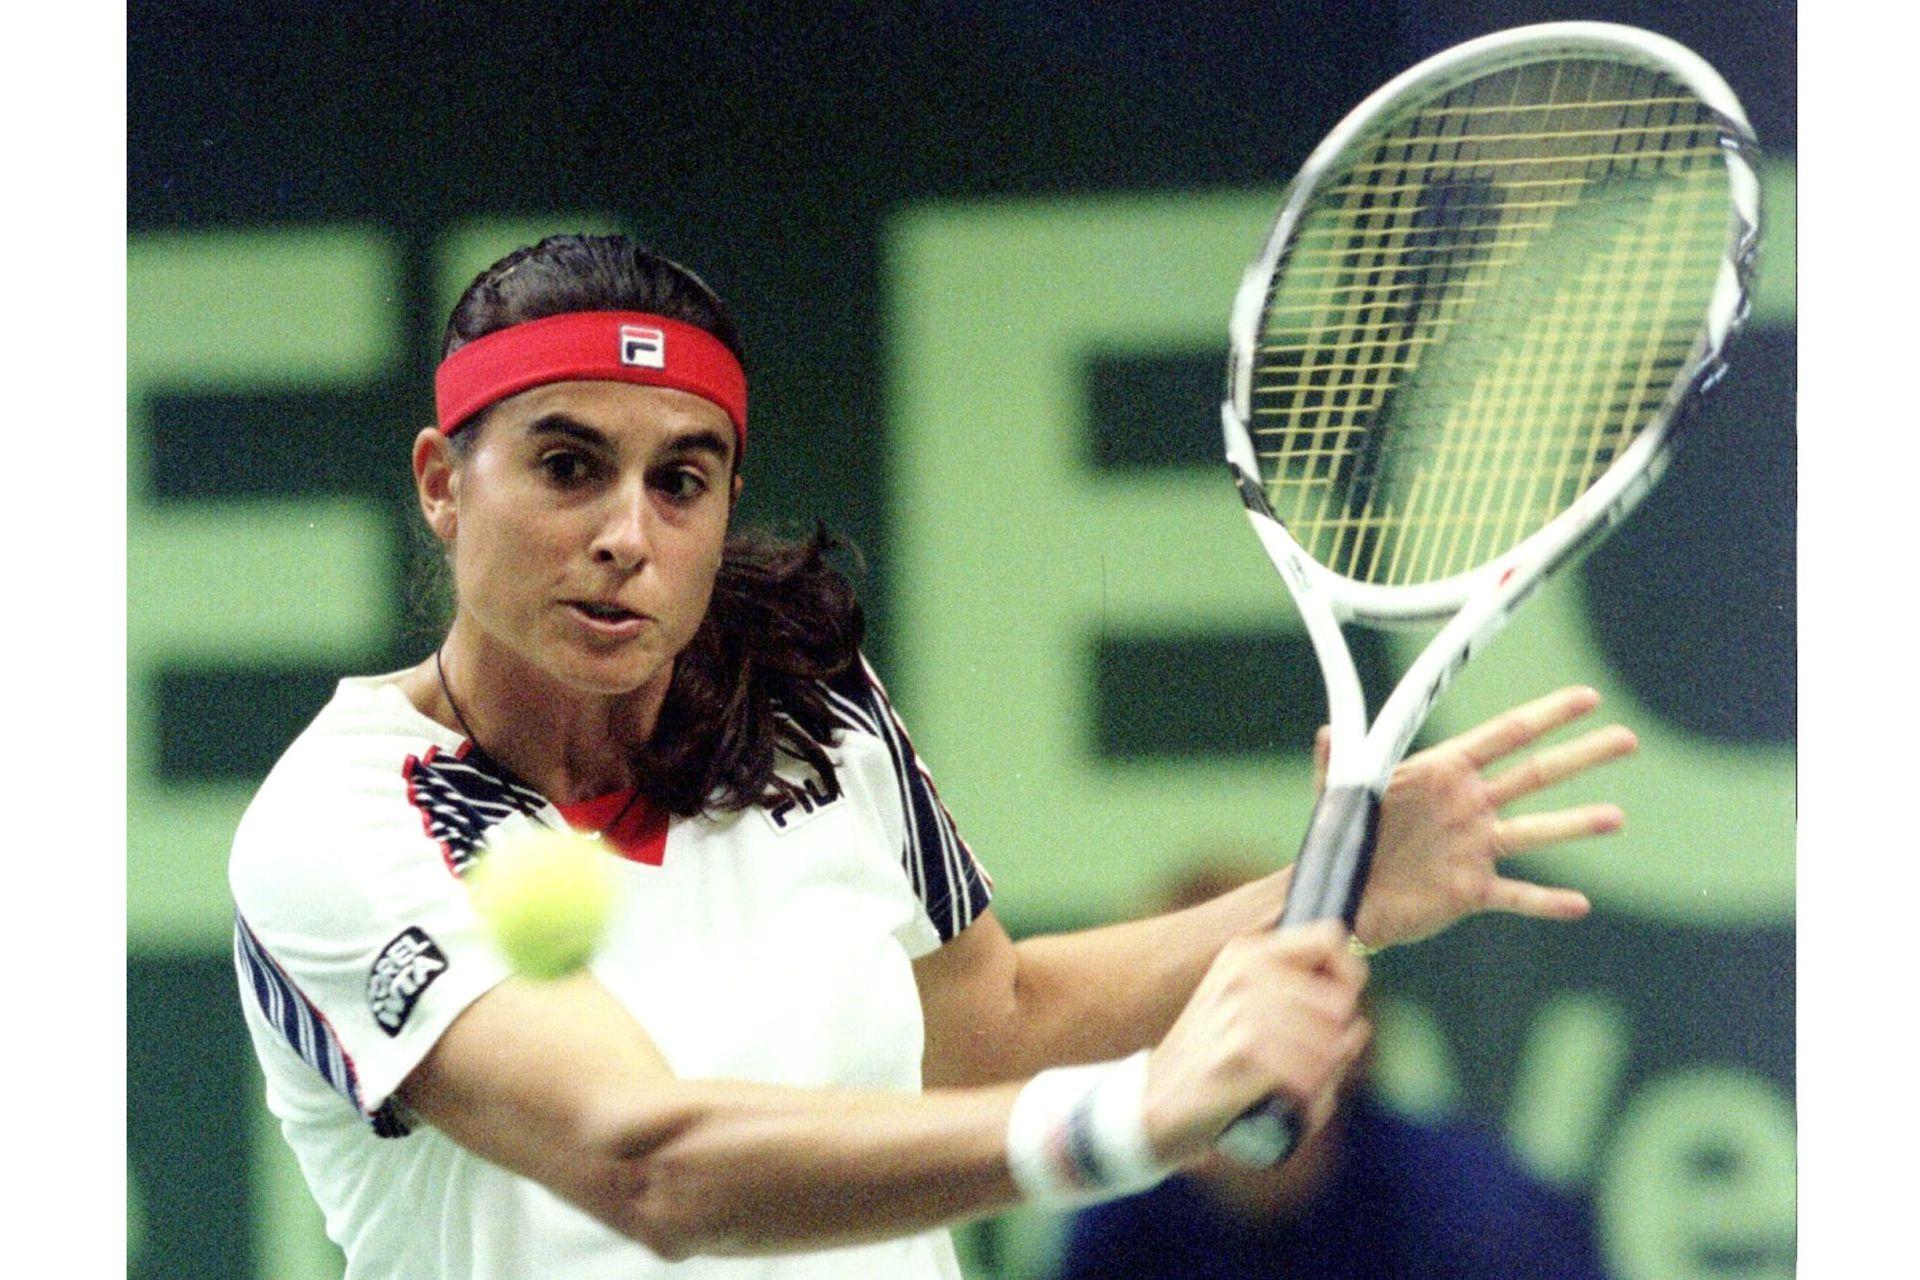 El 15 de octubre de 1996, el último partido oficial de Sabatini: perdió, en la 1a ronda de Zurich, con Jennifer Capriati, por 6-3 y 6-4.